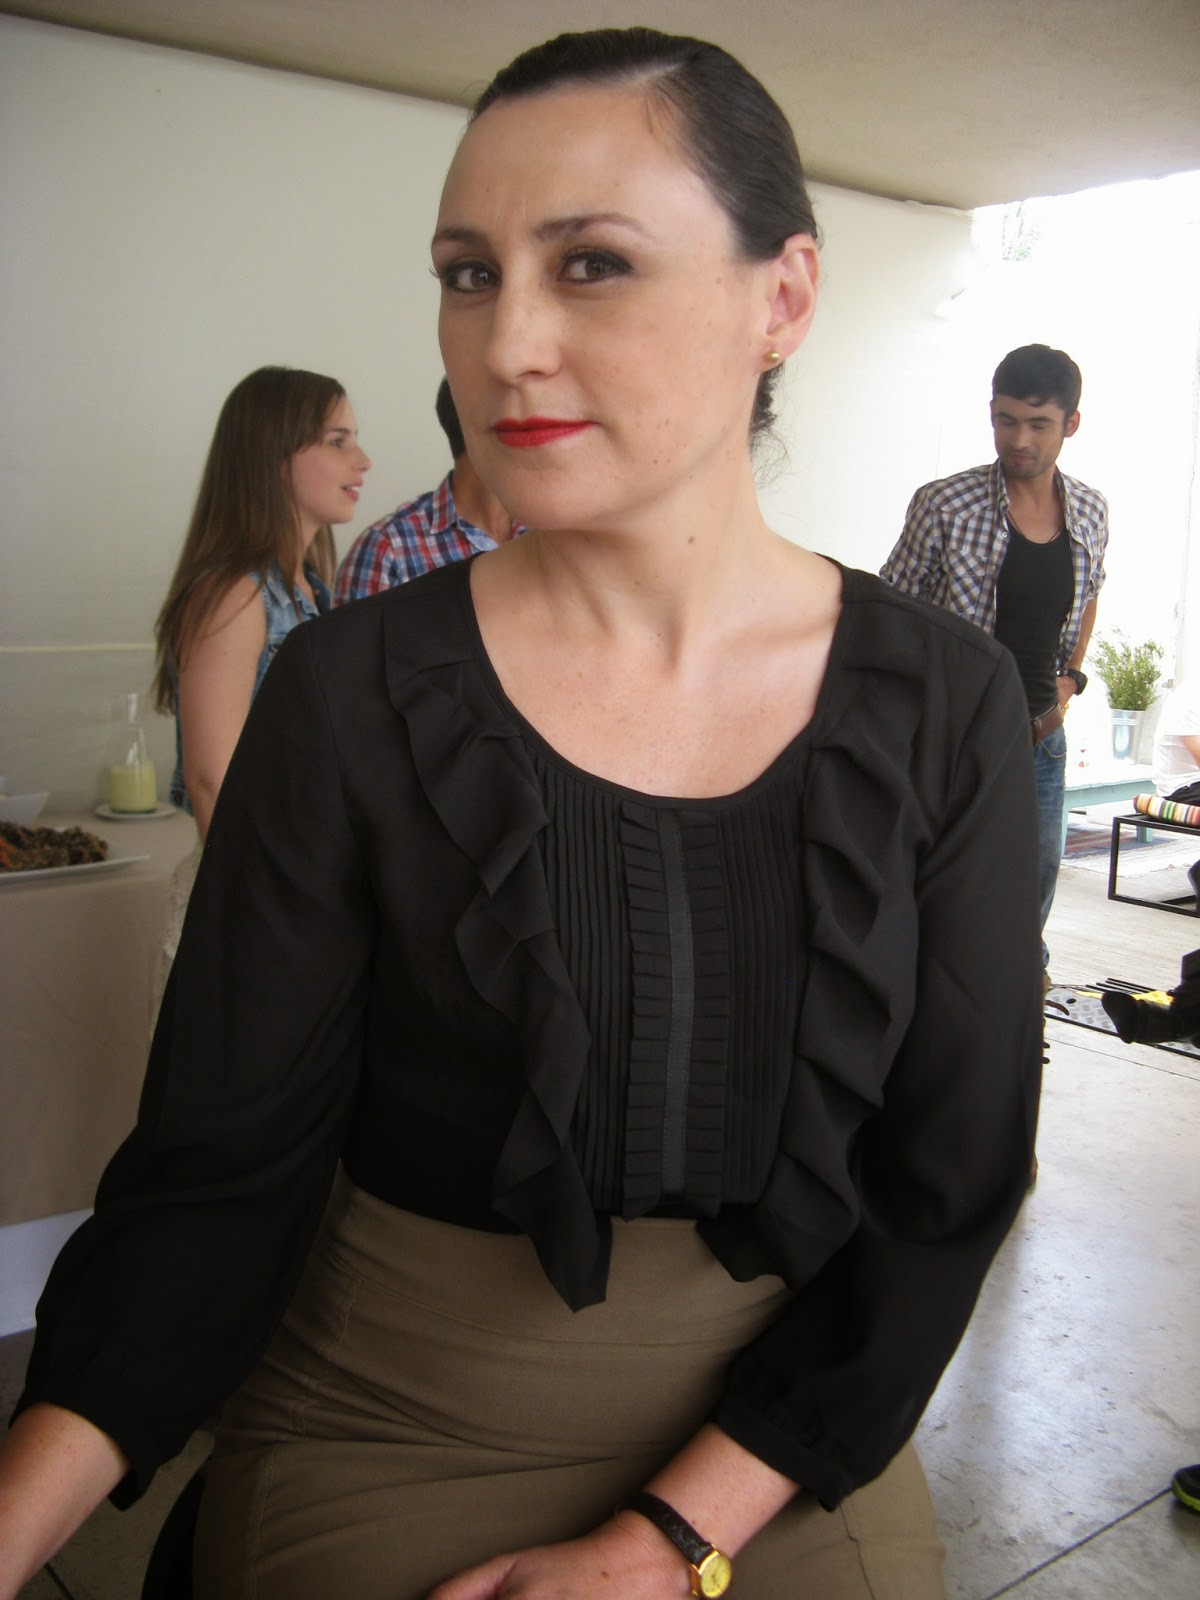 Nicole martinez la patrona quot instagram photos and - 4 2